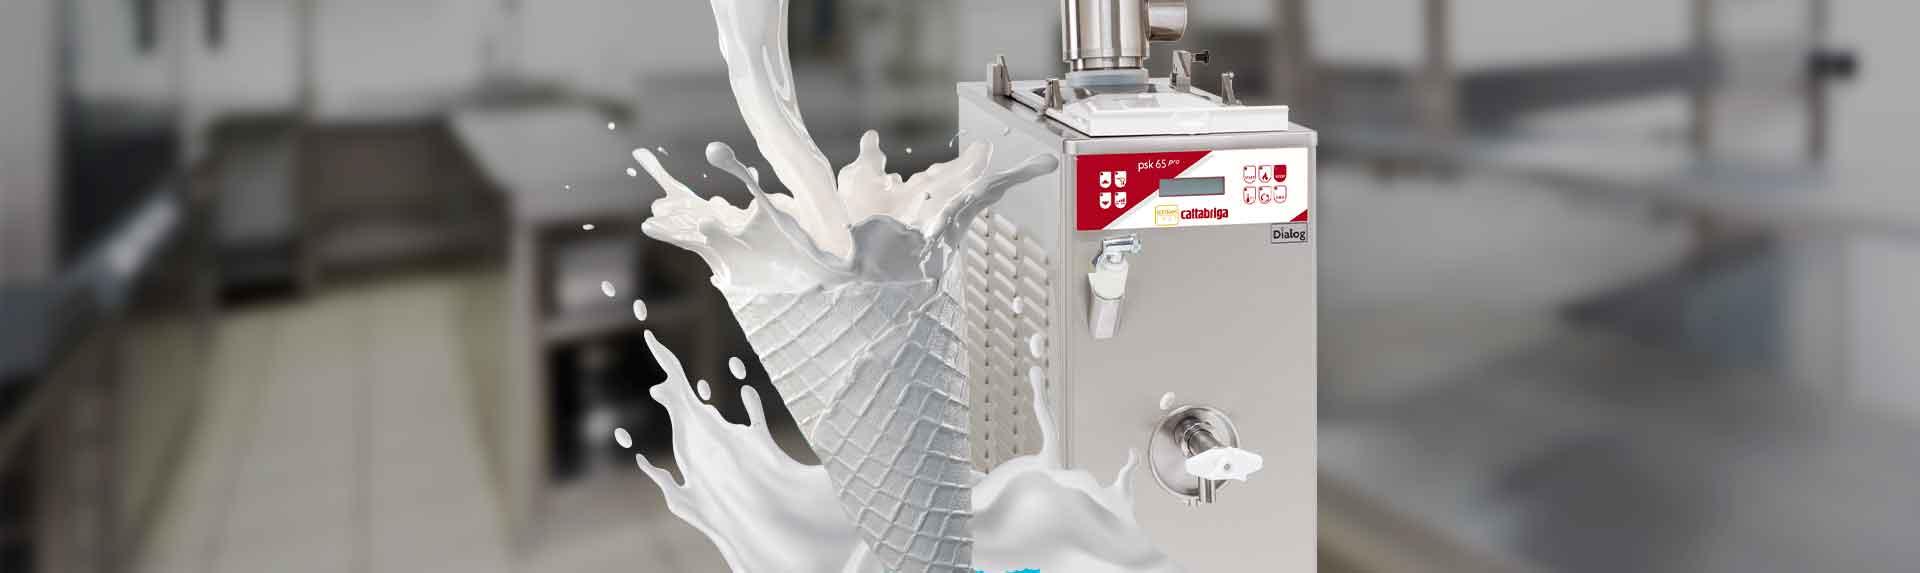 Máquina pasteurizadora para helados frente leche cayendo y formando un cono de helado portada de artículo